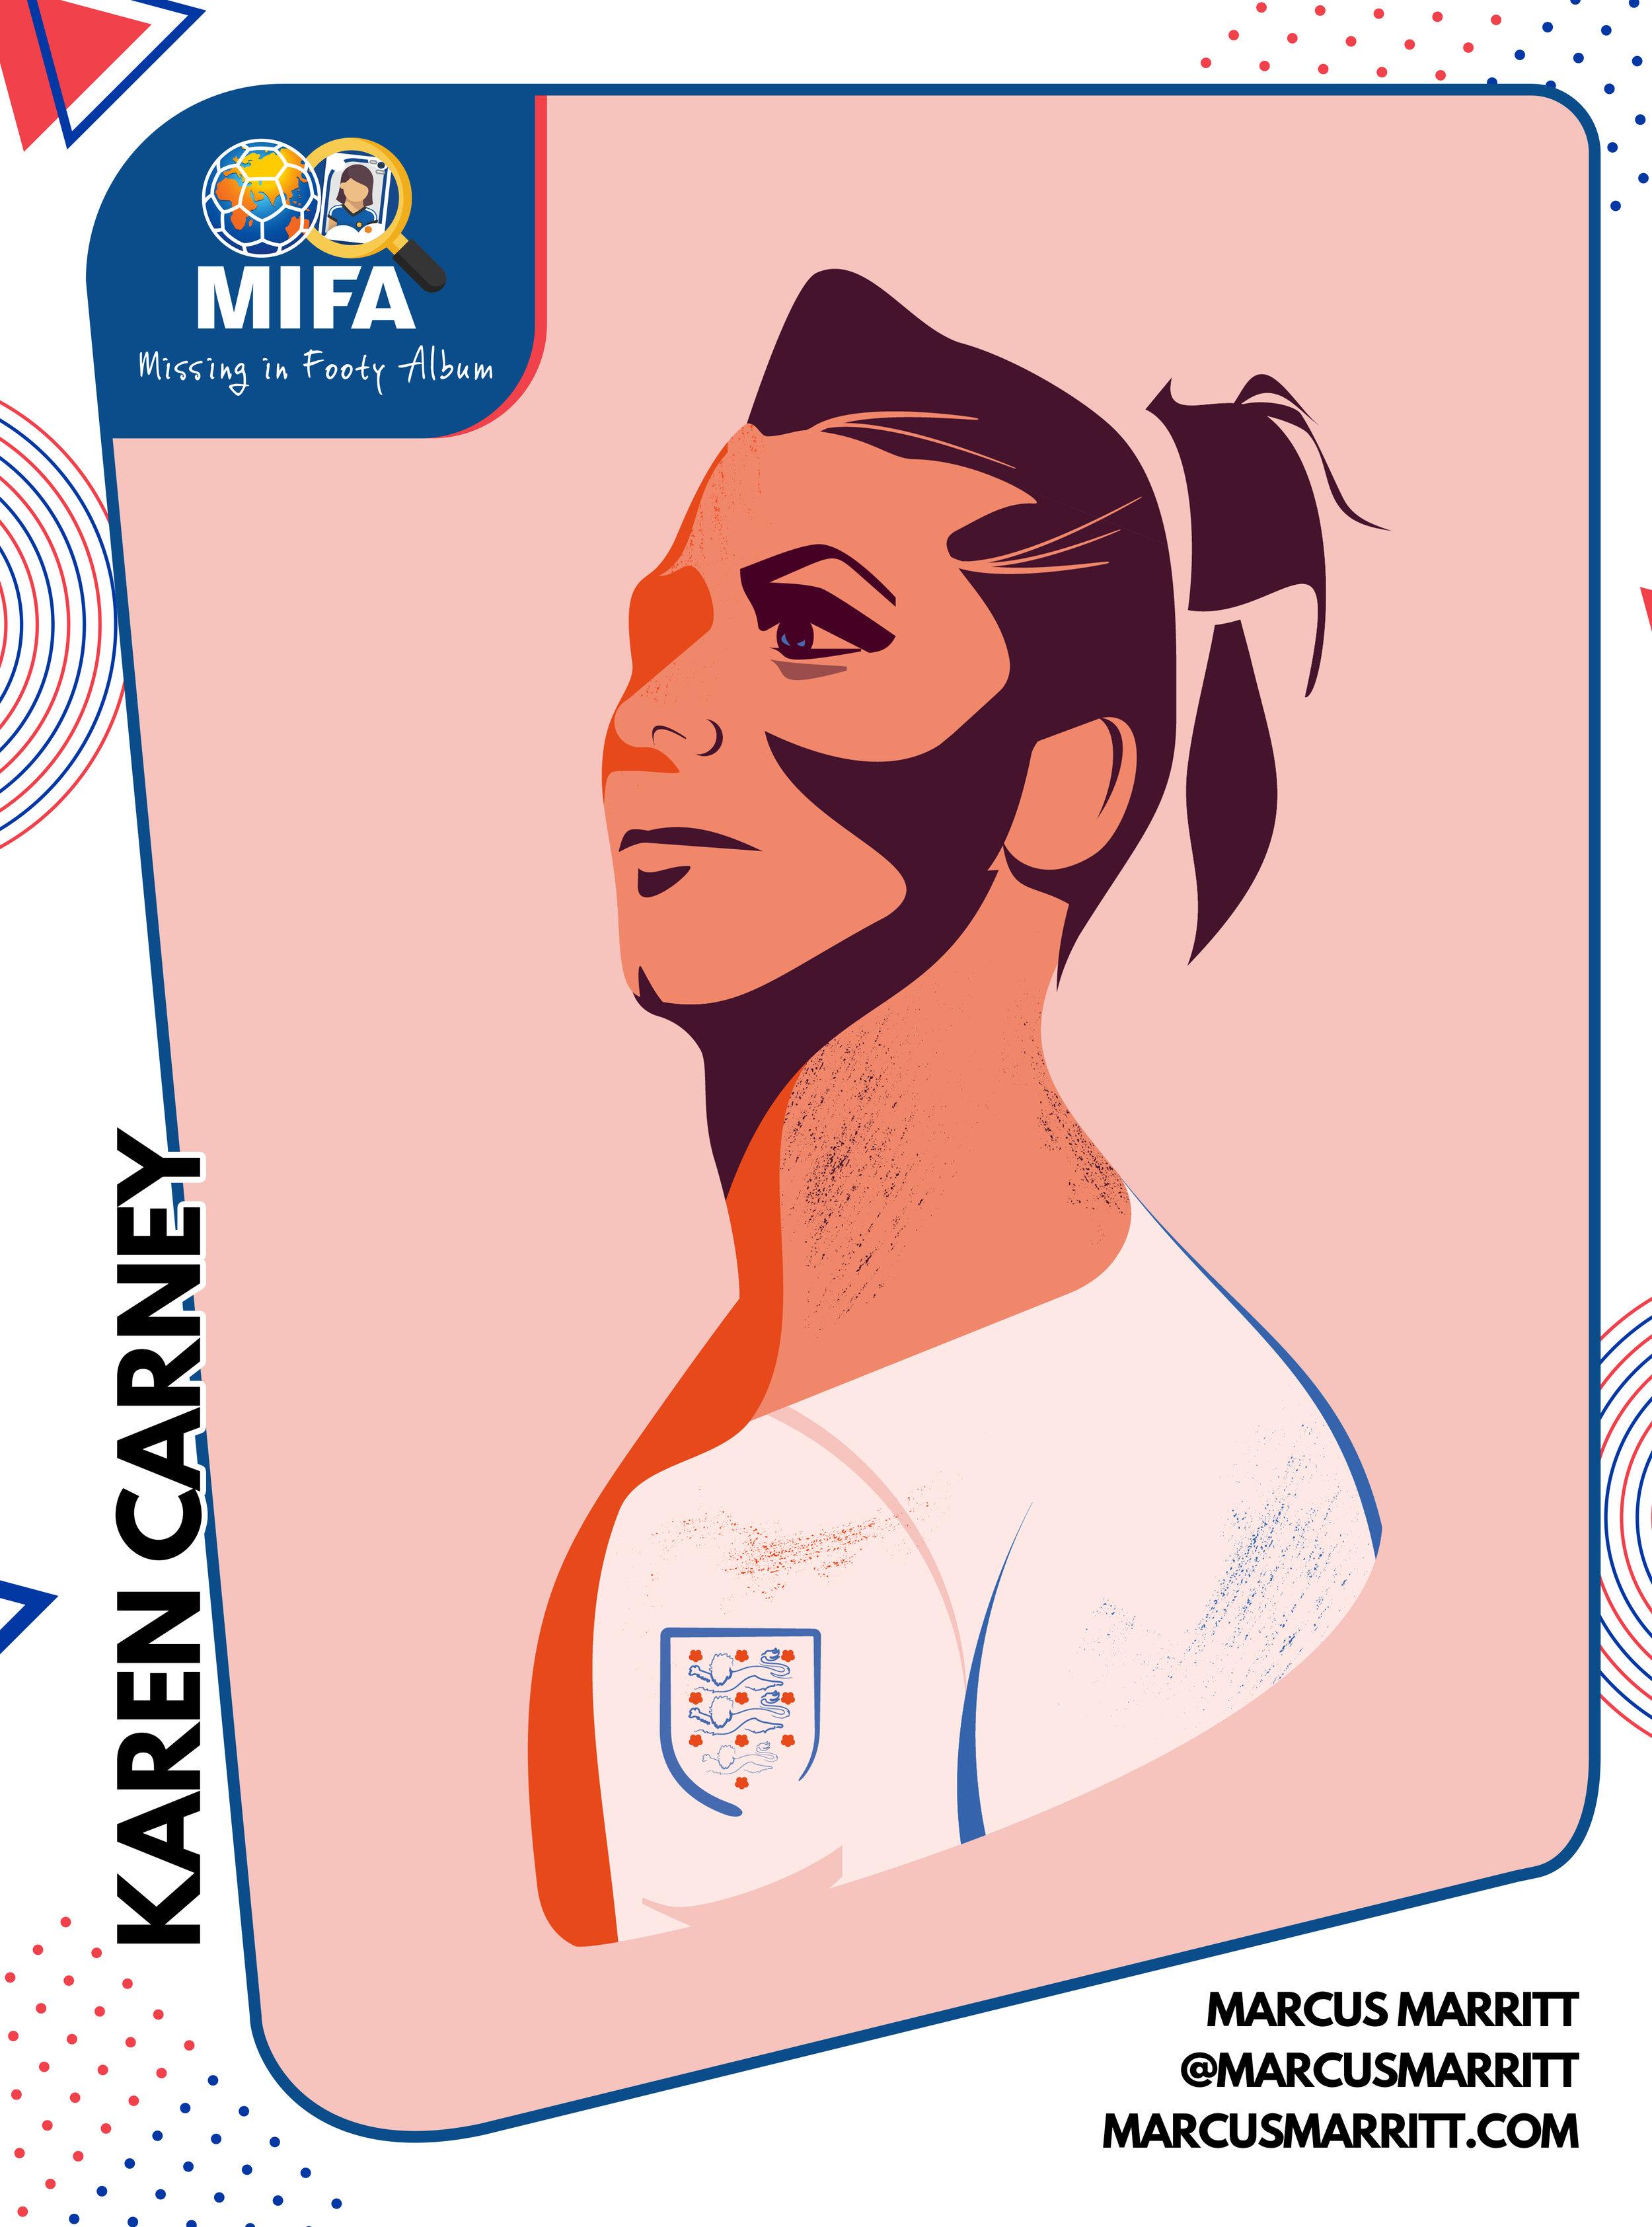 MIFA 2019 Karen Carney - Marcus Marritt.jpg